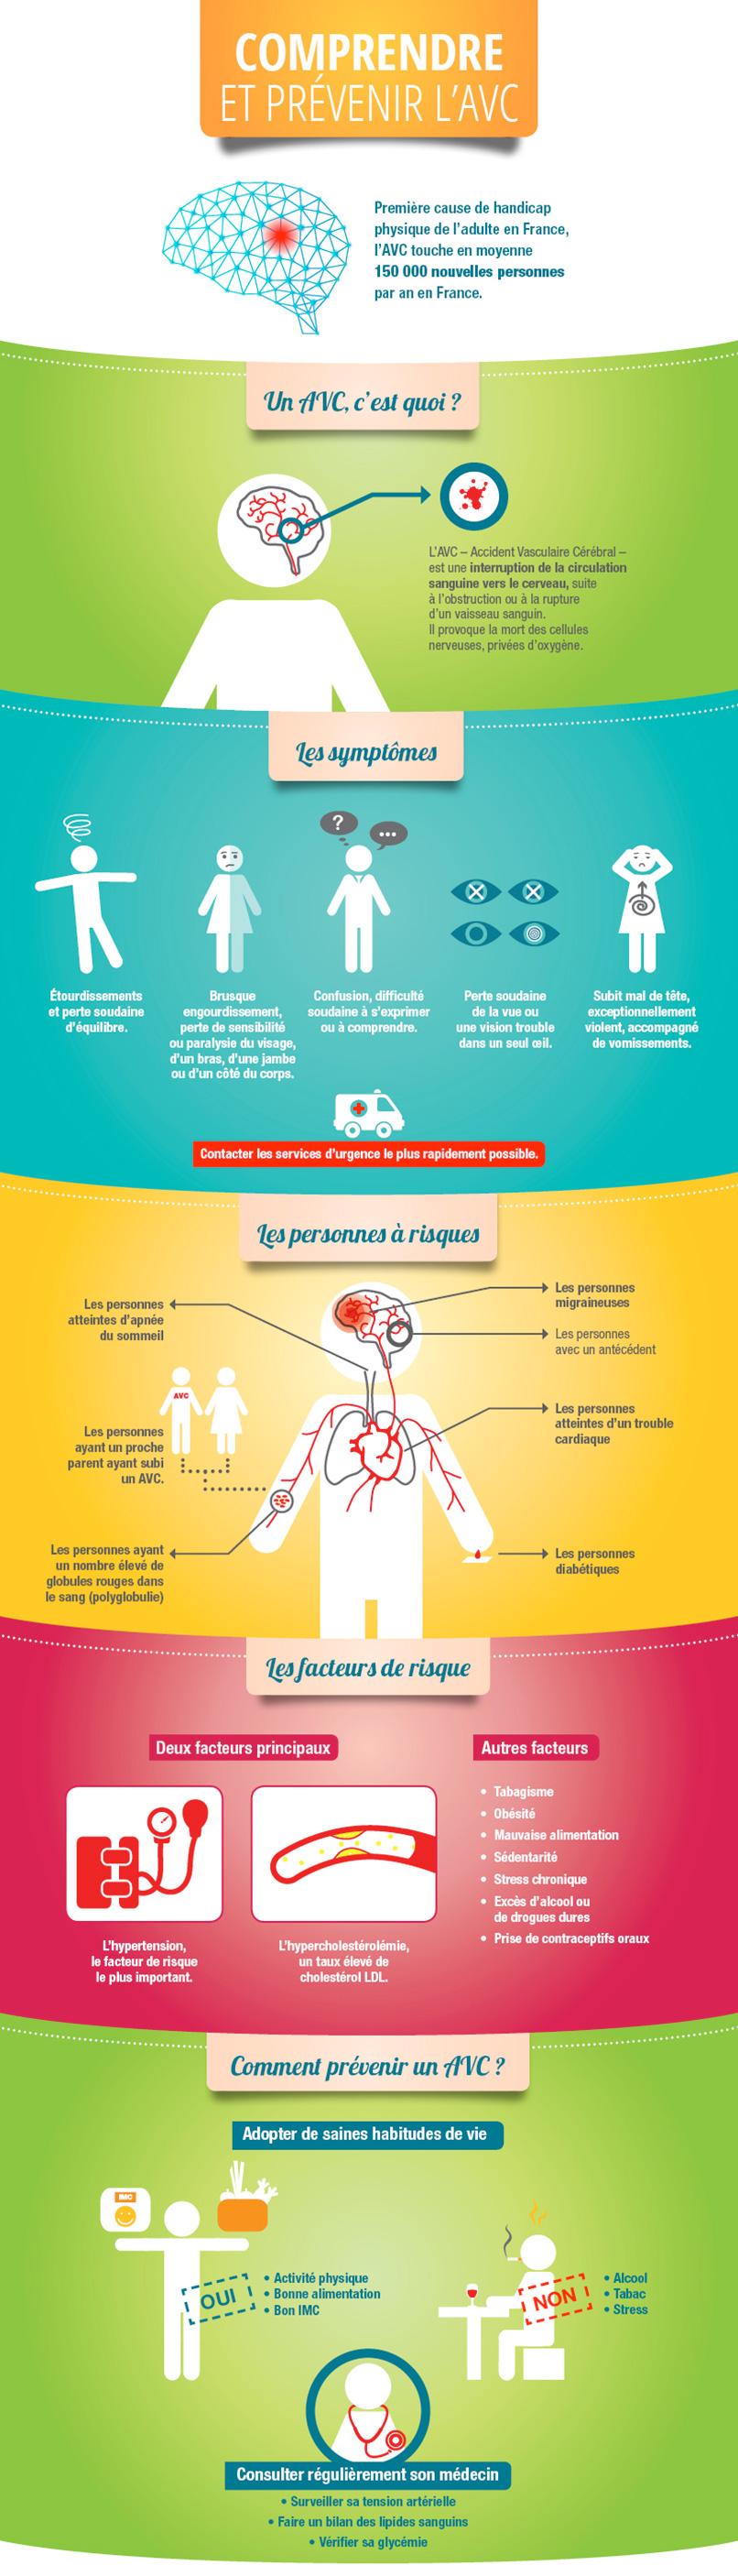 infographie définition et symptômes AVC